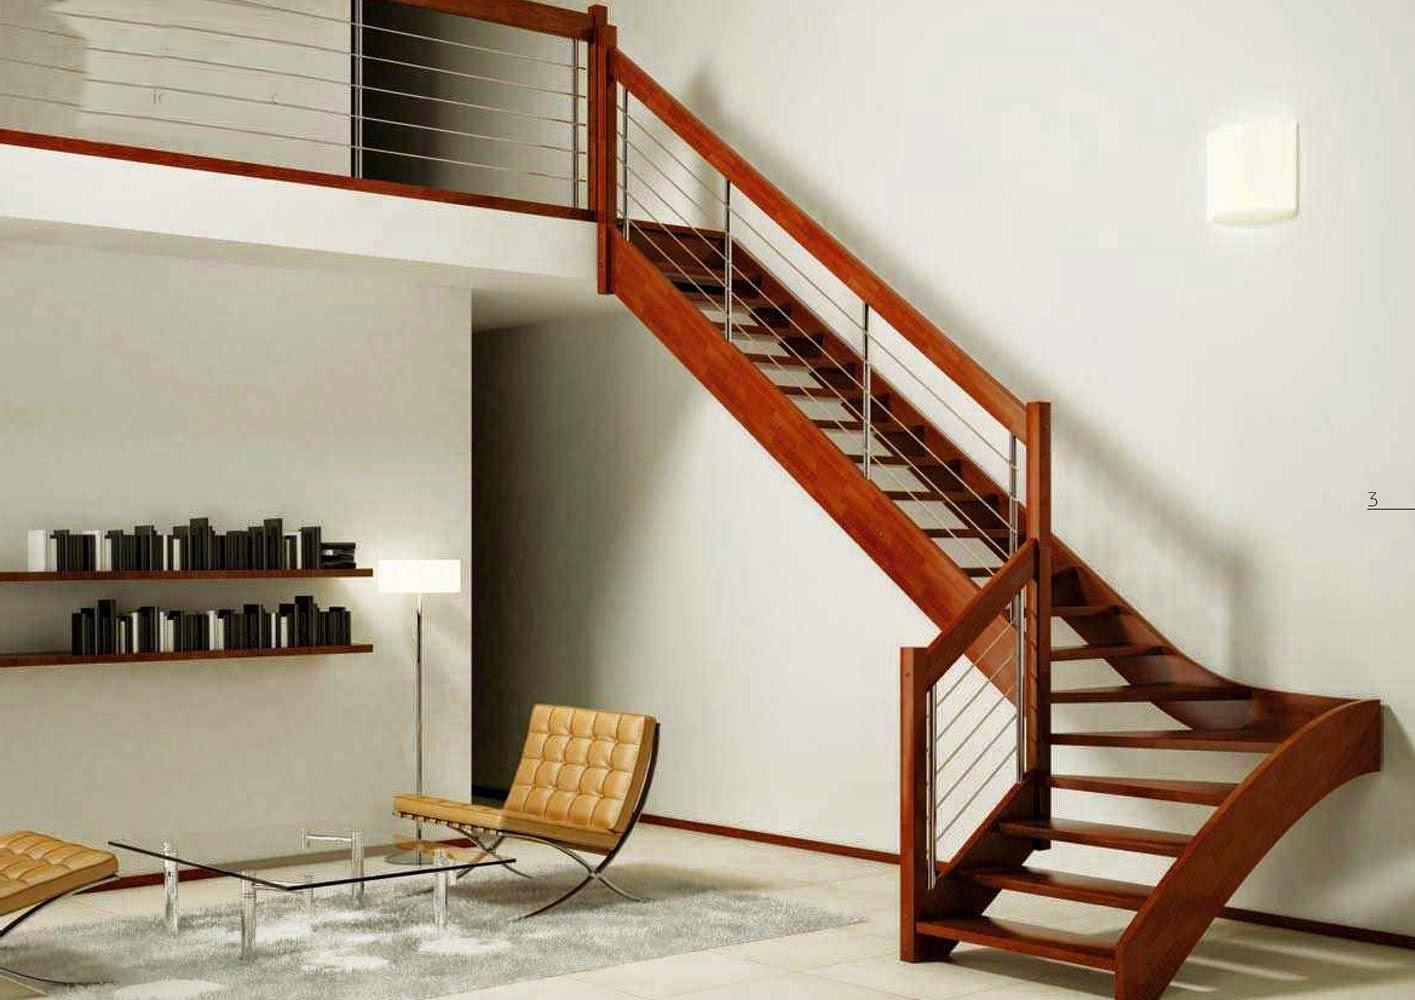 Desain Tangga Kayu Rumah Minimalis